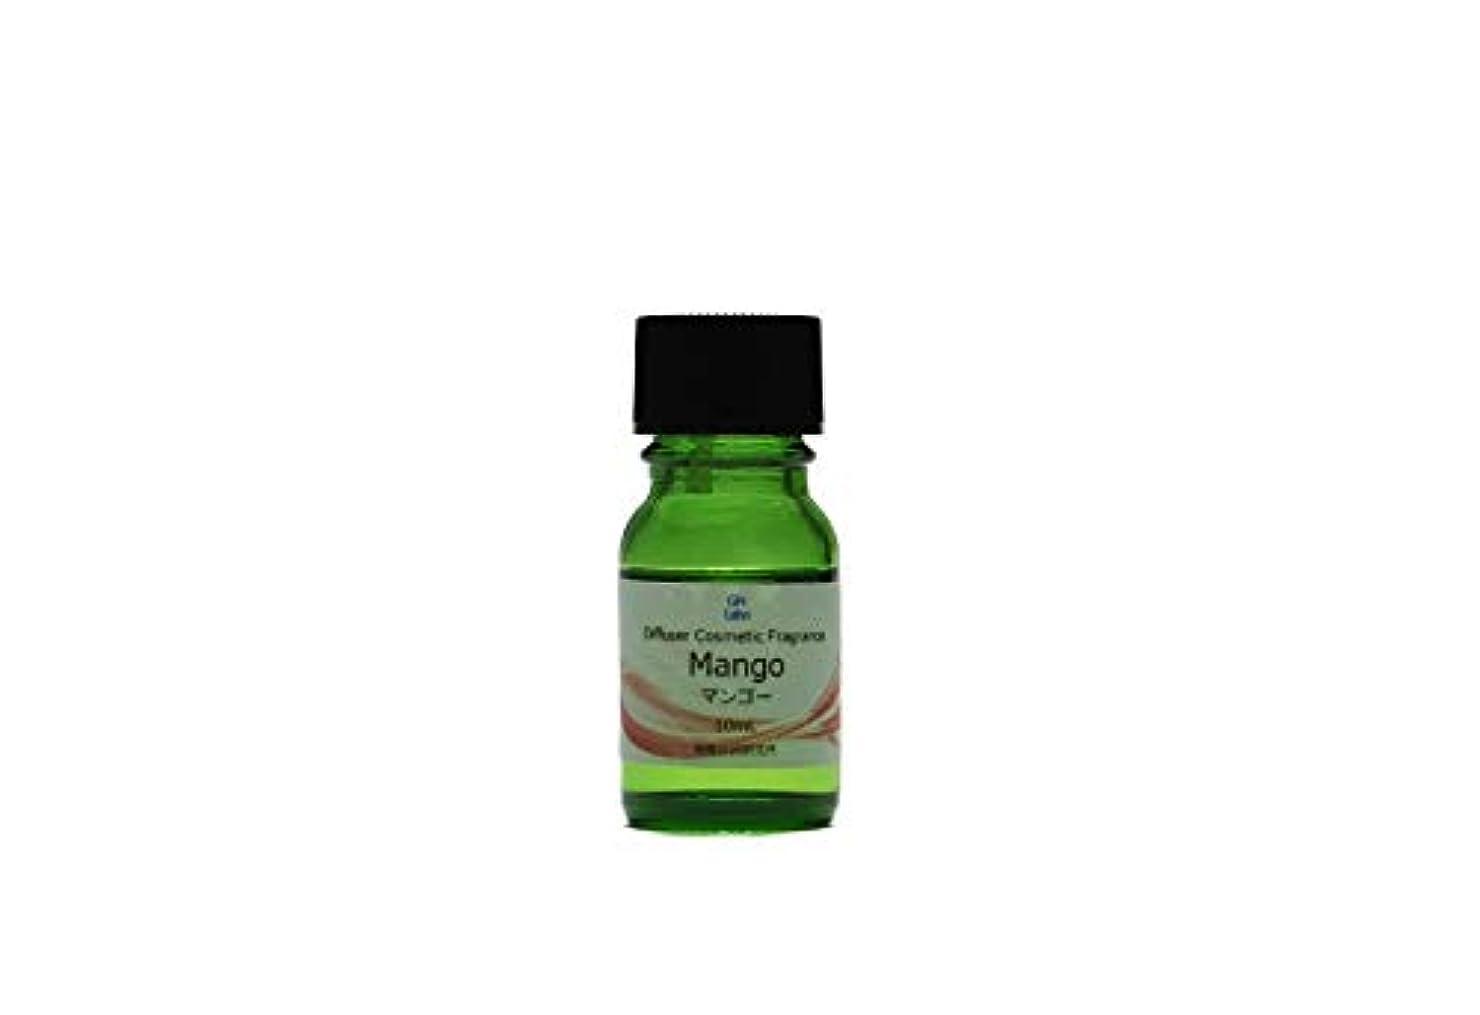 ピッチャー九月ワームマンゴー フレグランス 香料 ディフューザー アロマオイル 手作り 化粧品用